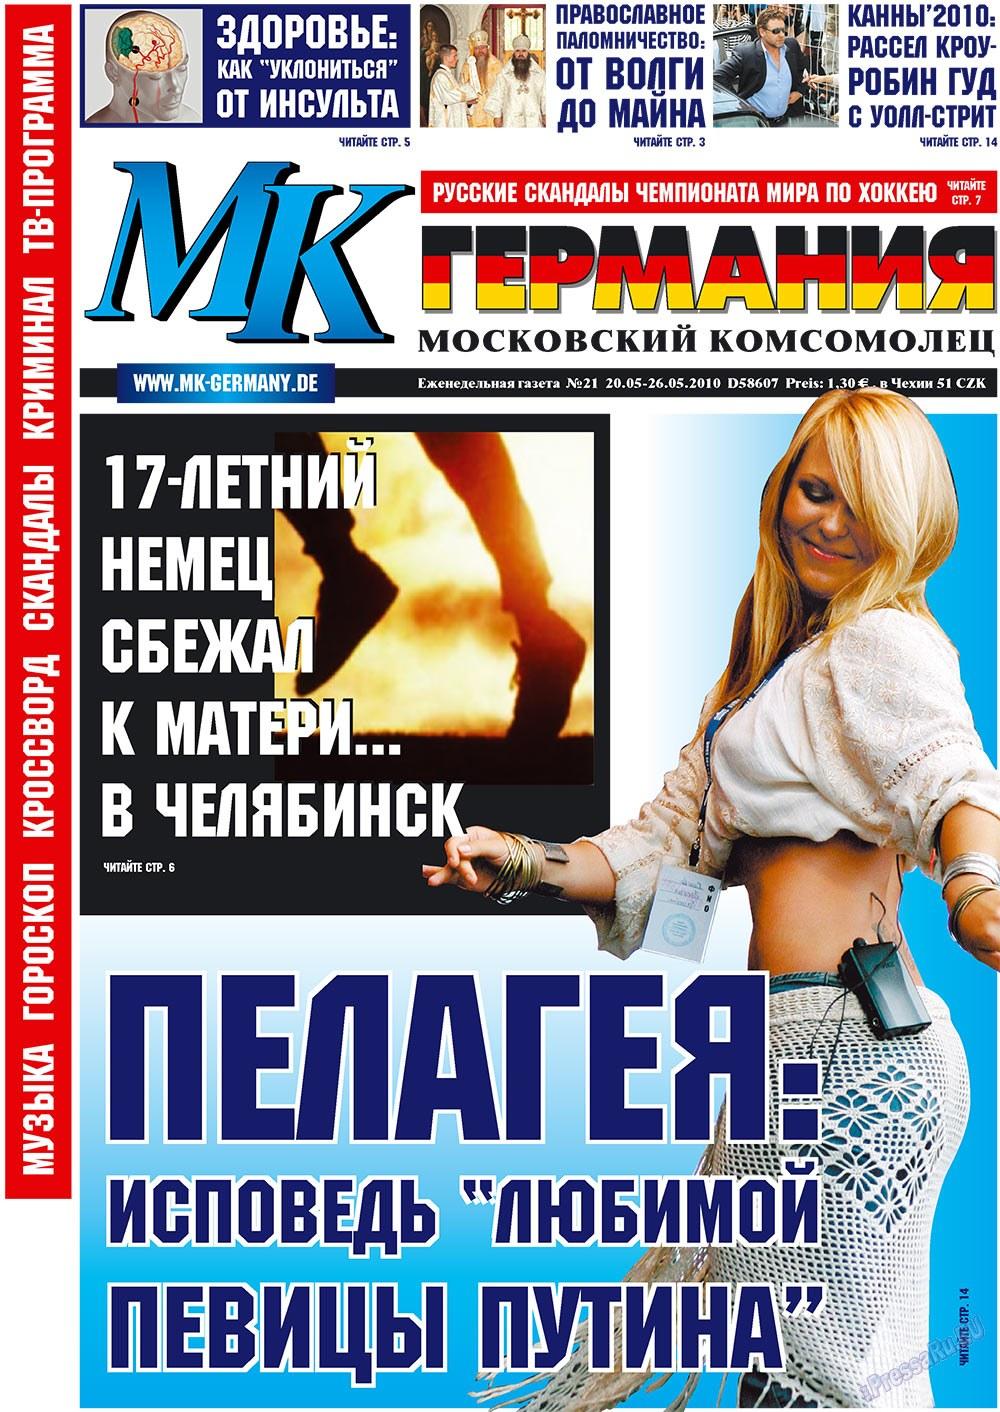 МК-Германия (газета). 2010 год, номер 21, стр. 1